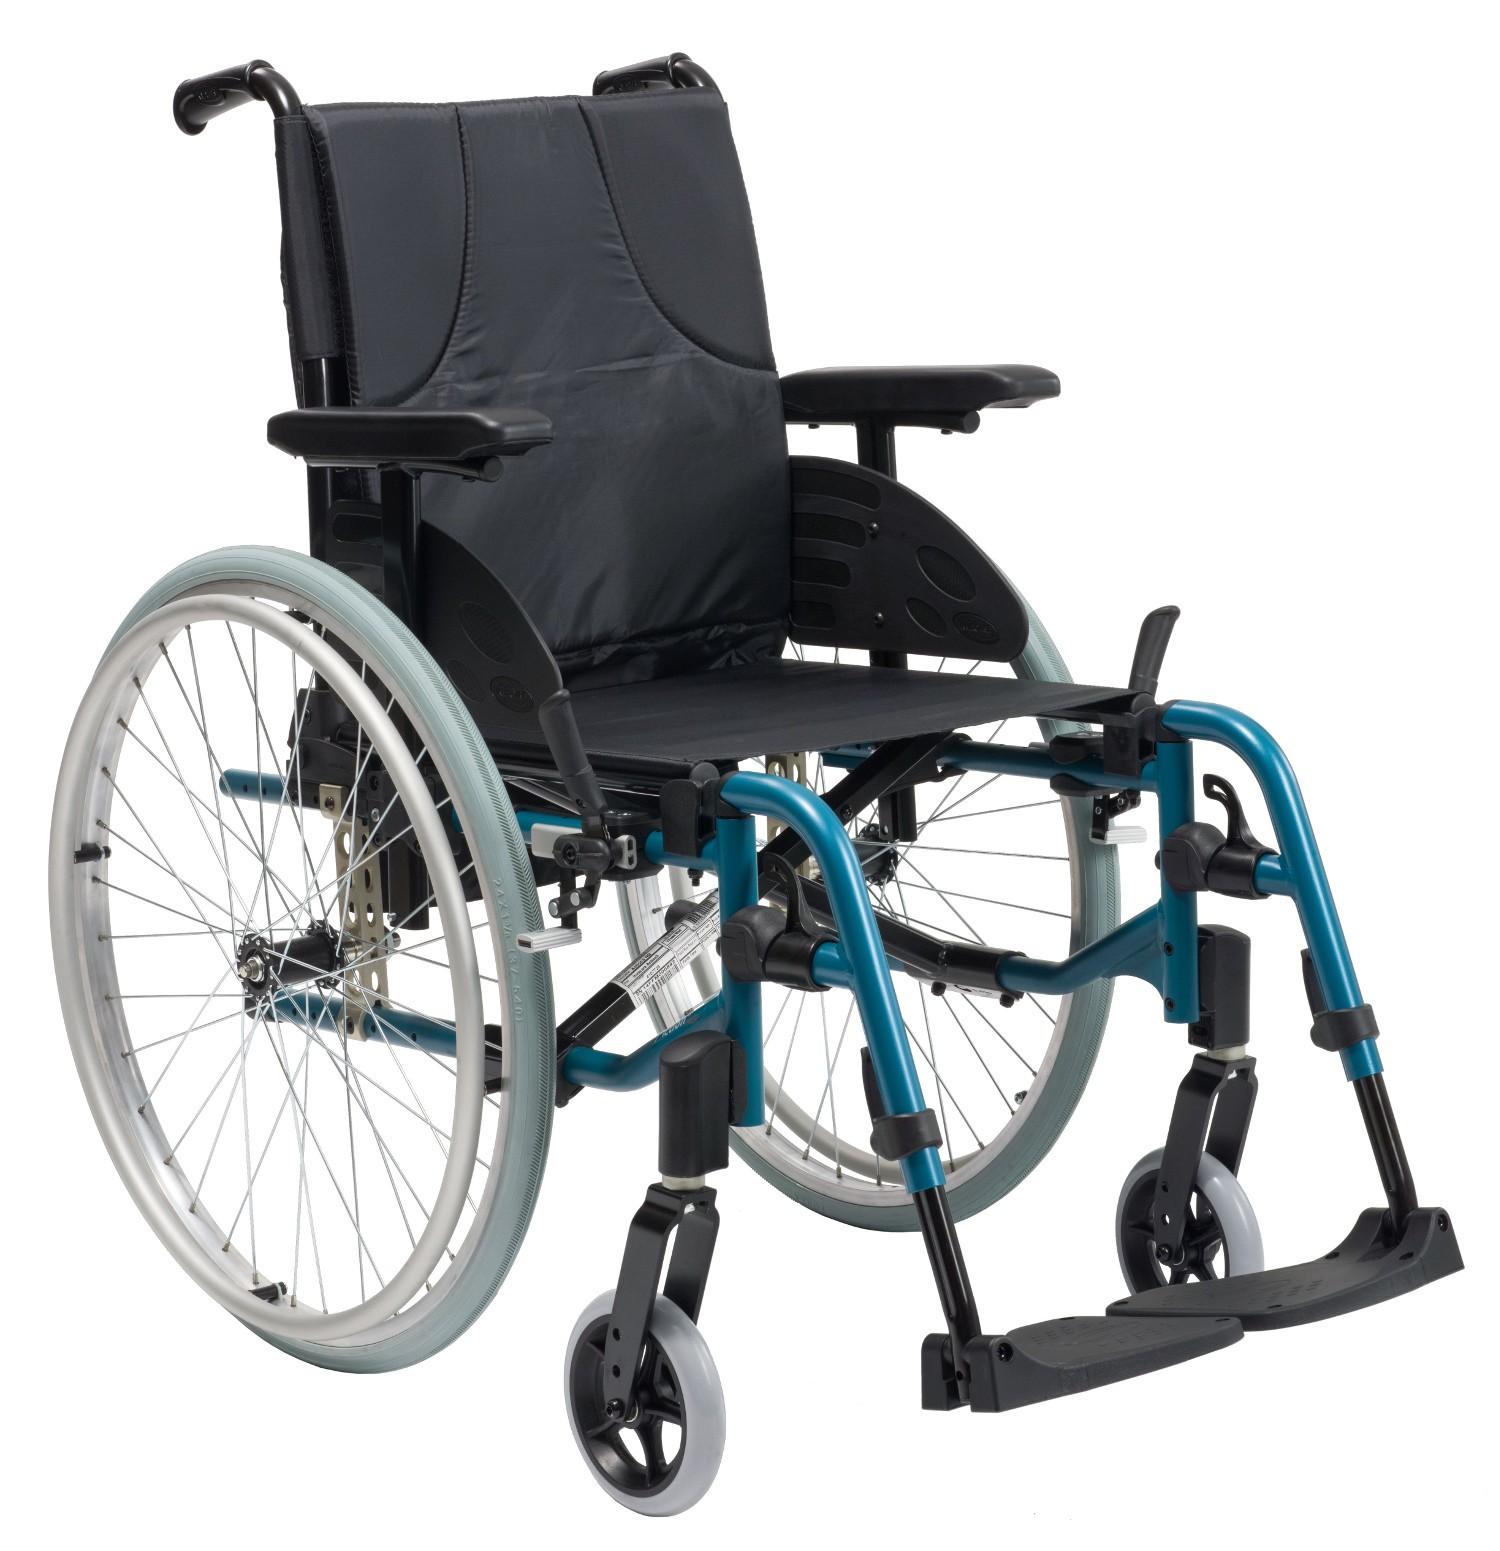 Carrozzina leggera per disabili e anziani Action 3 con ruotine passaggi stretti